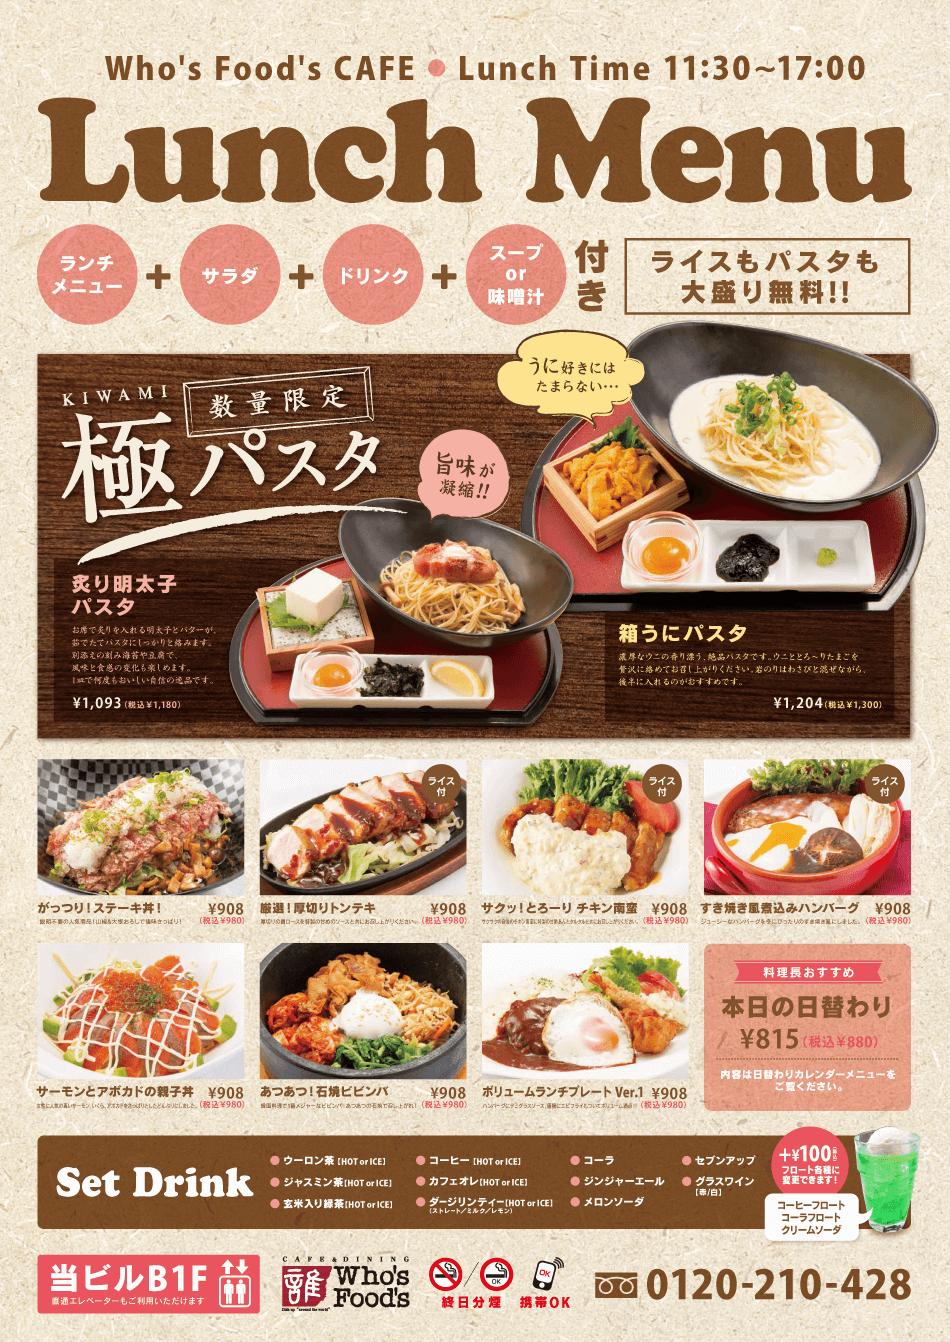 ランチメニュー 渋谷店 多国籍個室ダイニング フーズフーズ